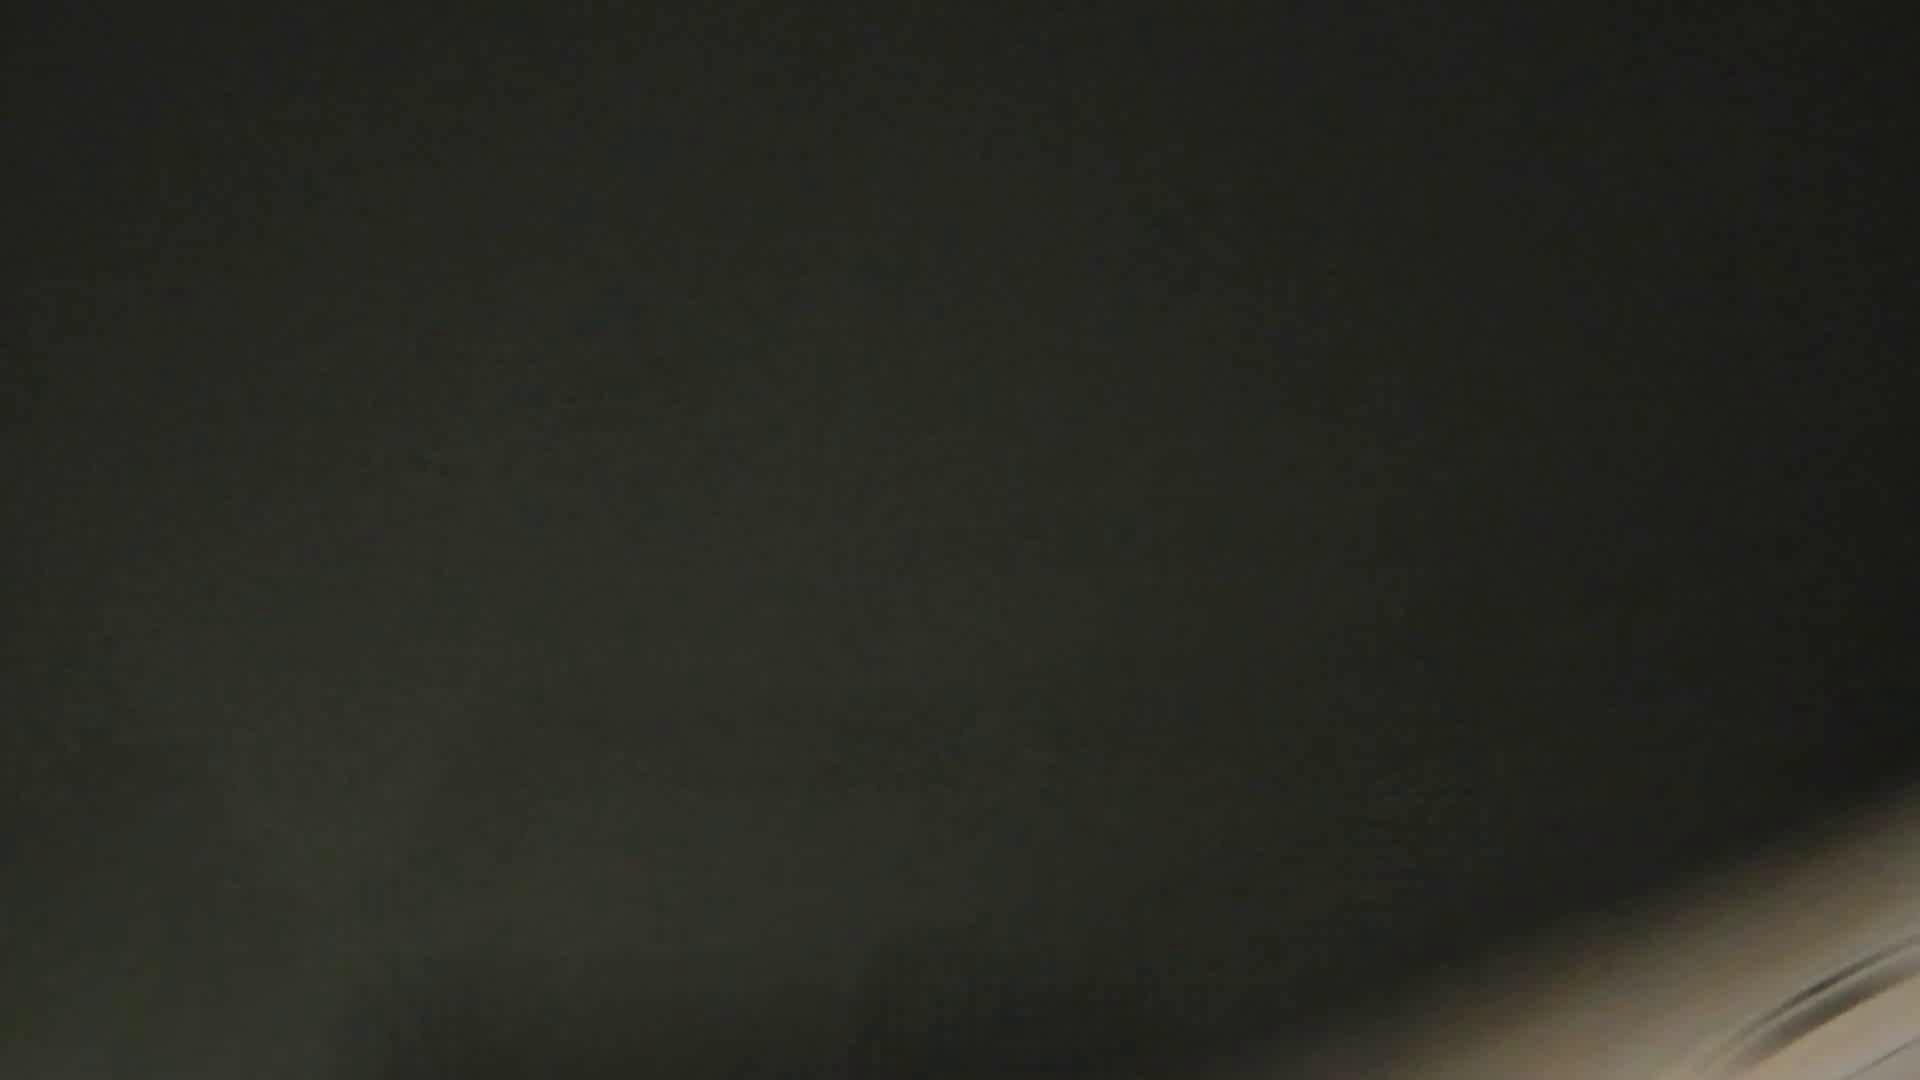 世界の射窓から ステーション編 vol.17厦大女厕偷拍 qianp OLのボディ   0  105PIX 25